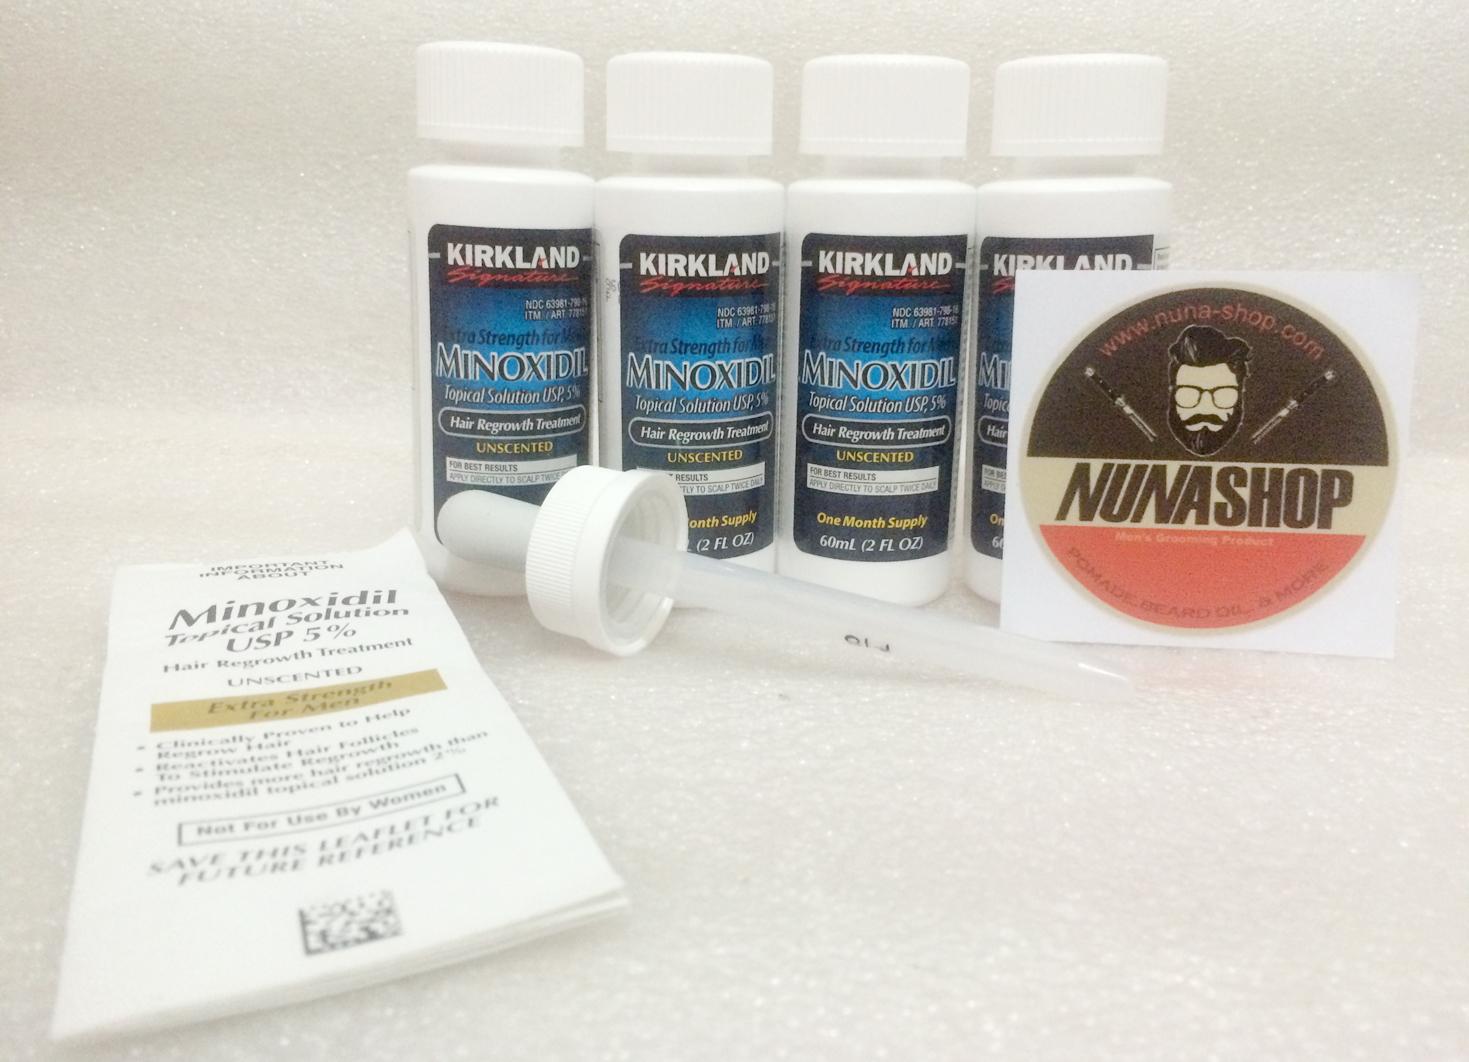 Tips Cepat Menumbuhkan Jenggot Jambang Kumis Dan Bulu Halus Rogaine Foam Minoxidil For Men Penumbuh Rambut Brewok Mengobati Kebotakan Pada Pria Produk Usa Jual Kirkland Obat